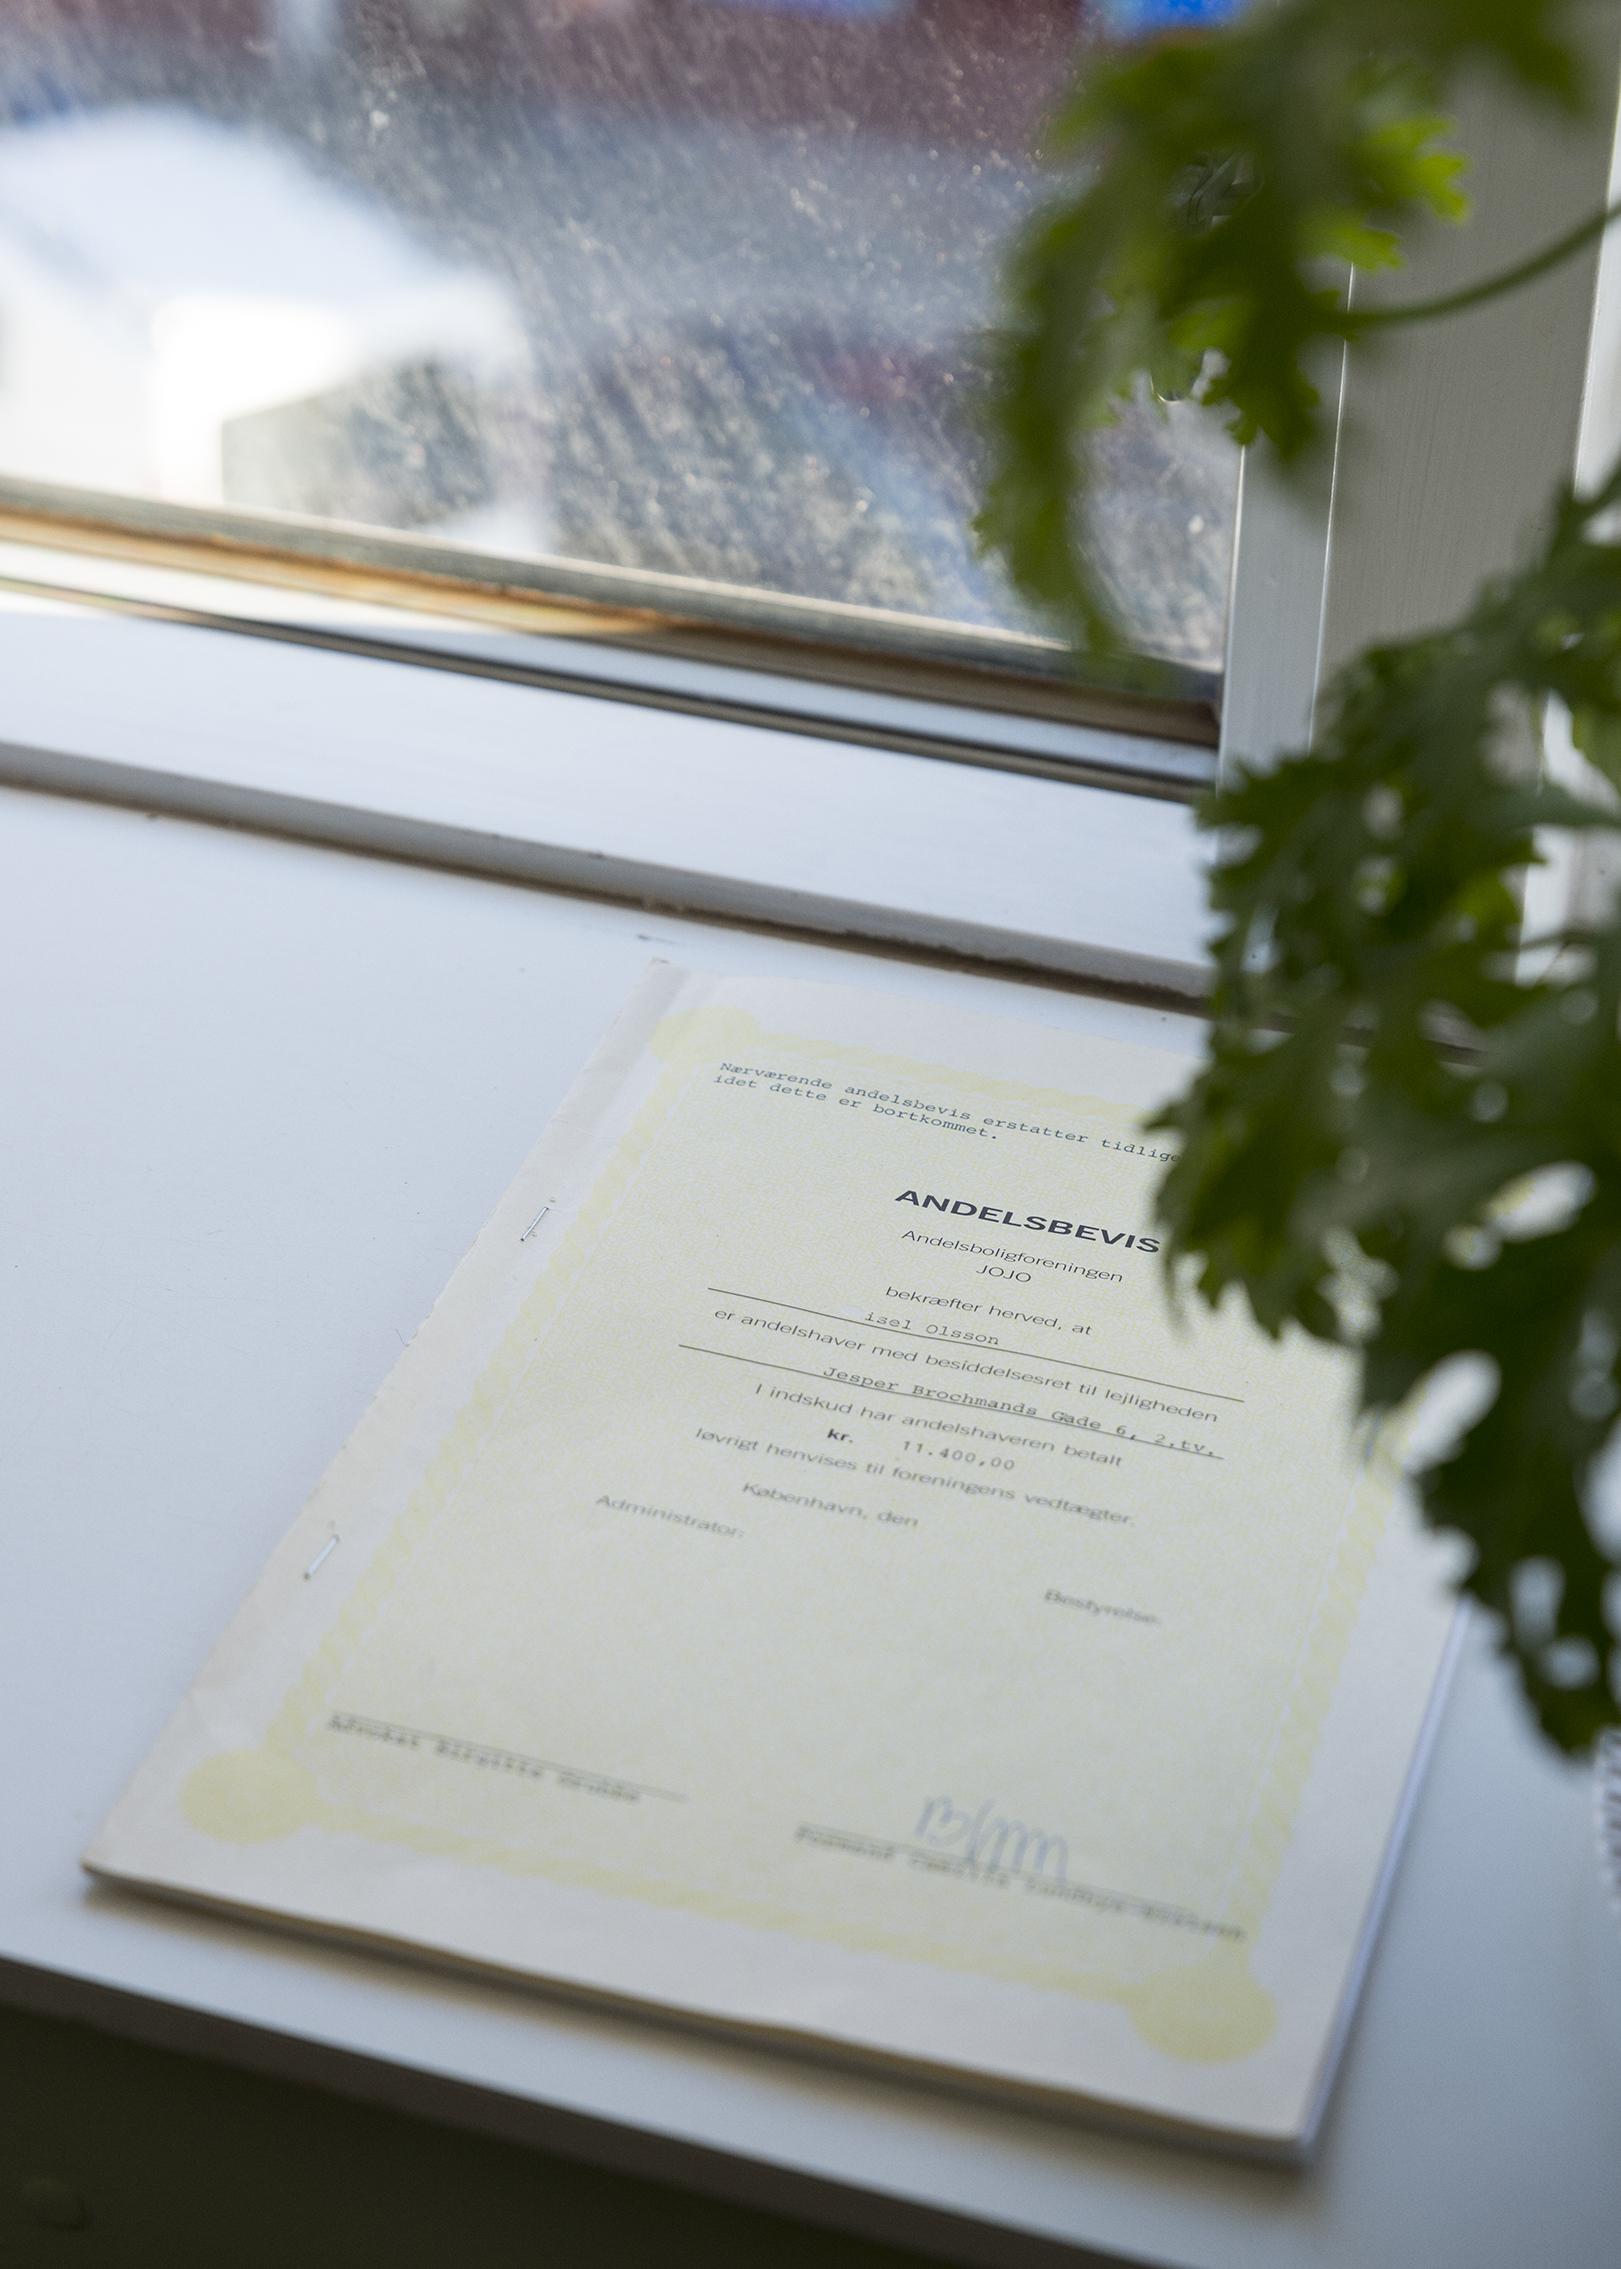 Andelsbevis (tenant contract) (2017)Moa Alskog